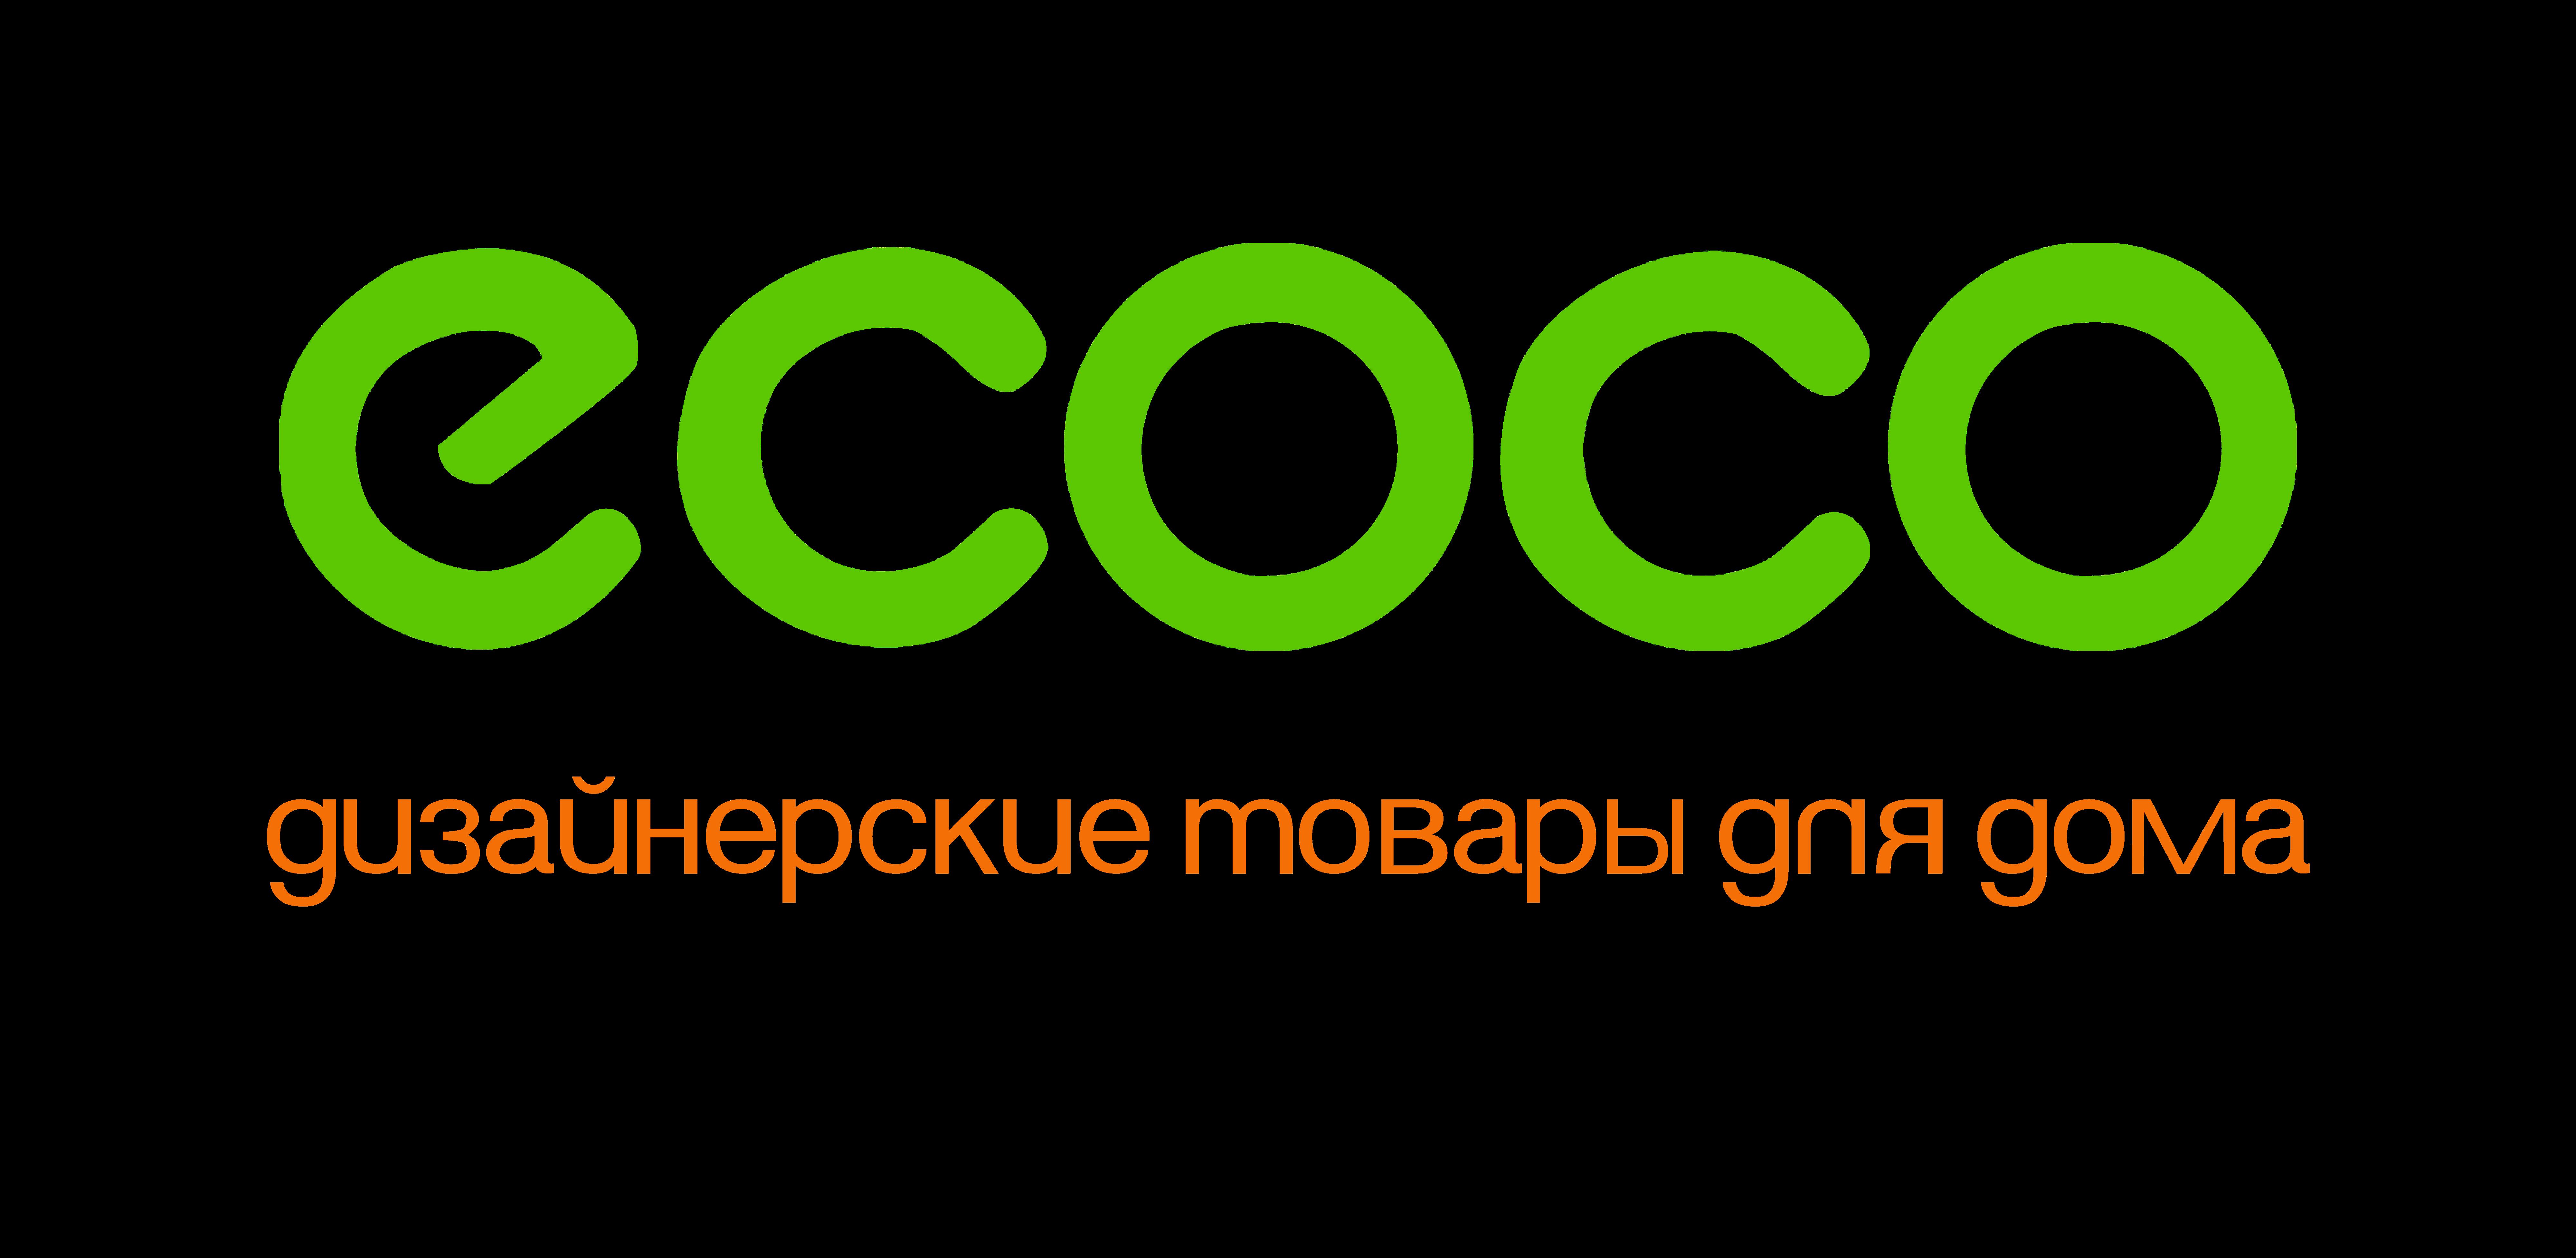 ECOCO - дизайнерские товары для дома